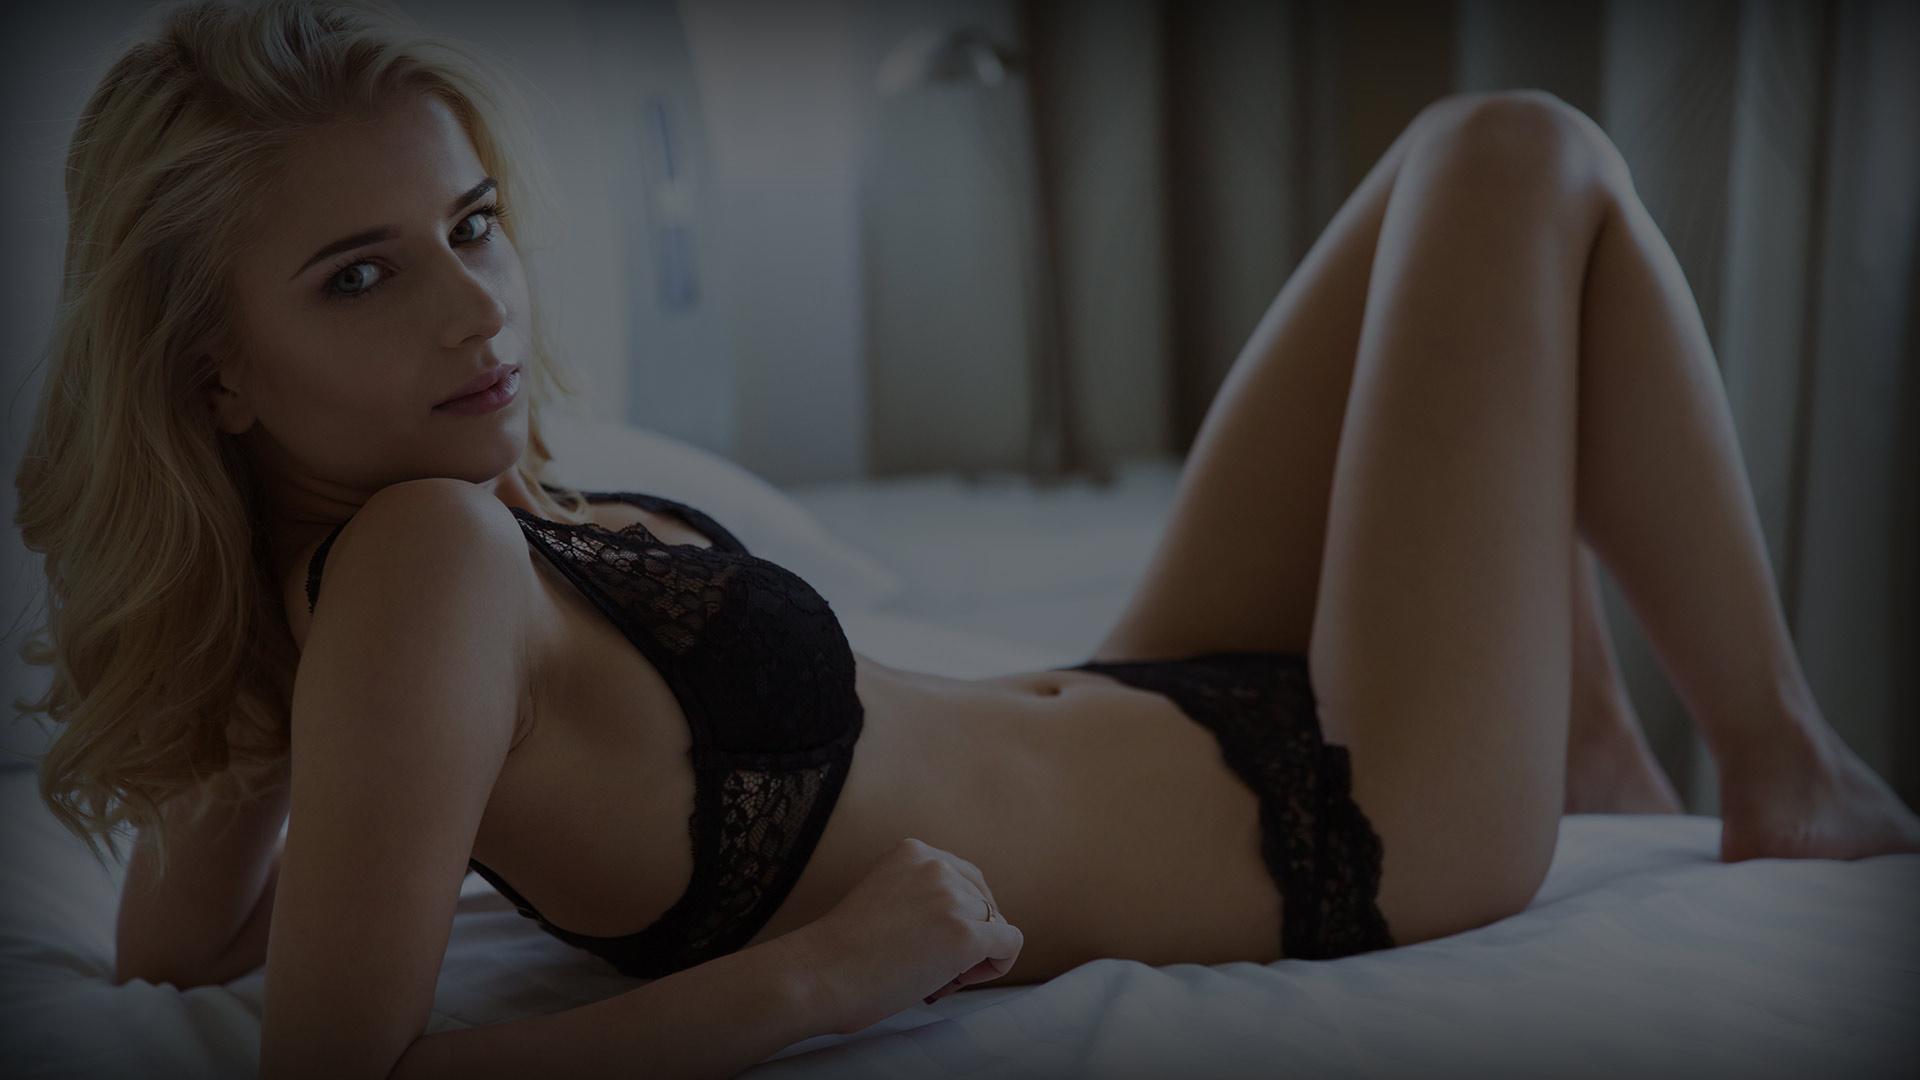 kvinnelig ejakulering naken video